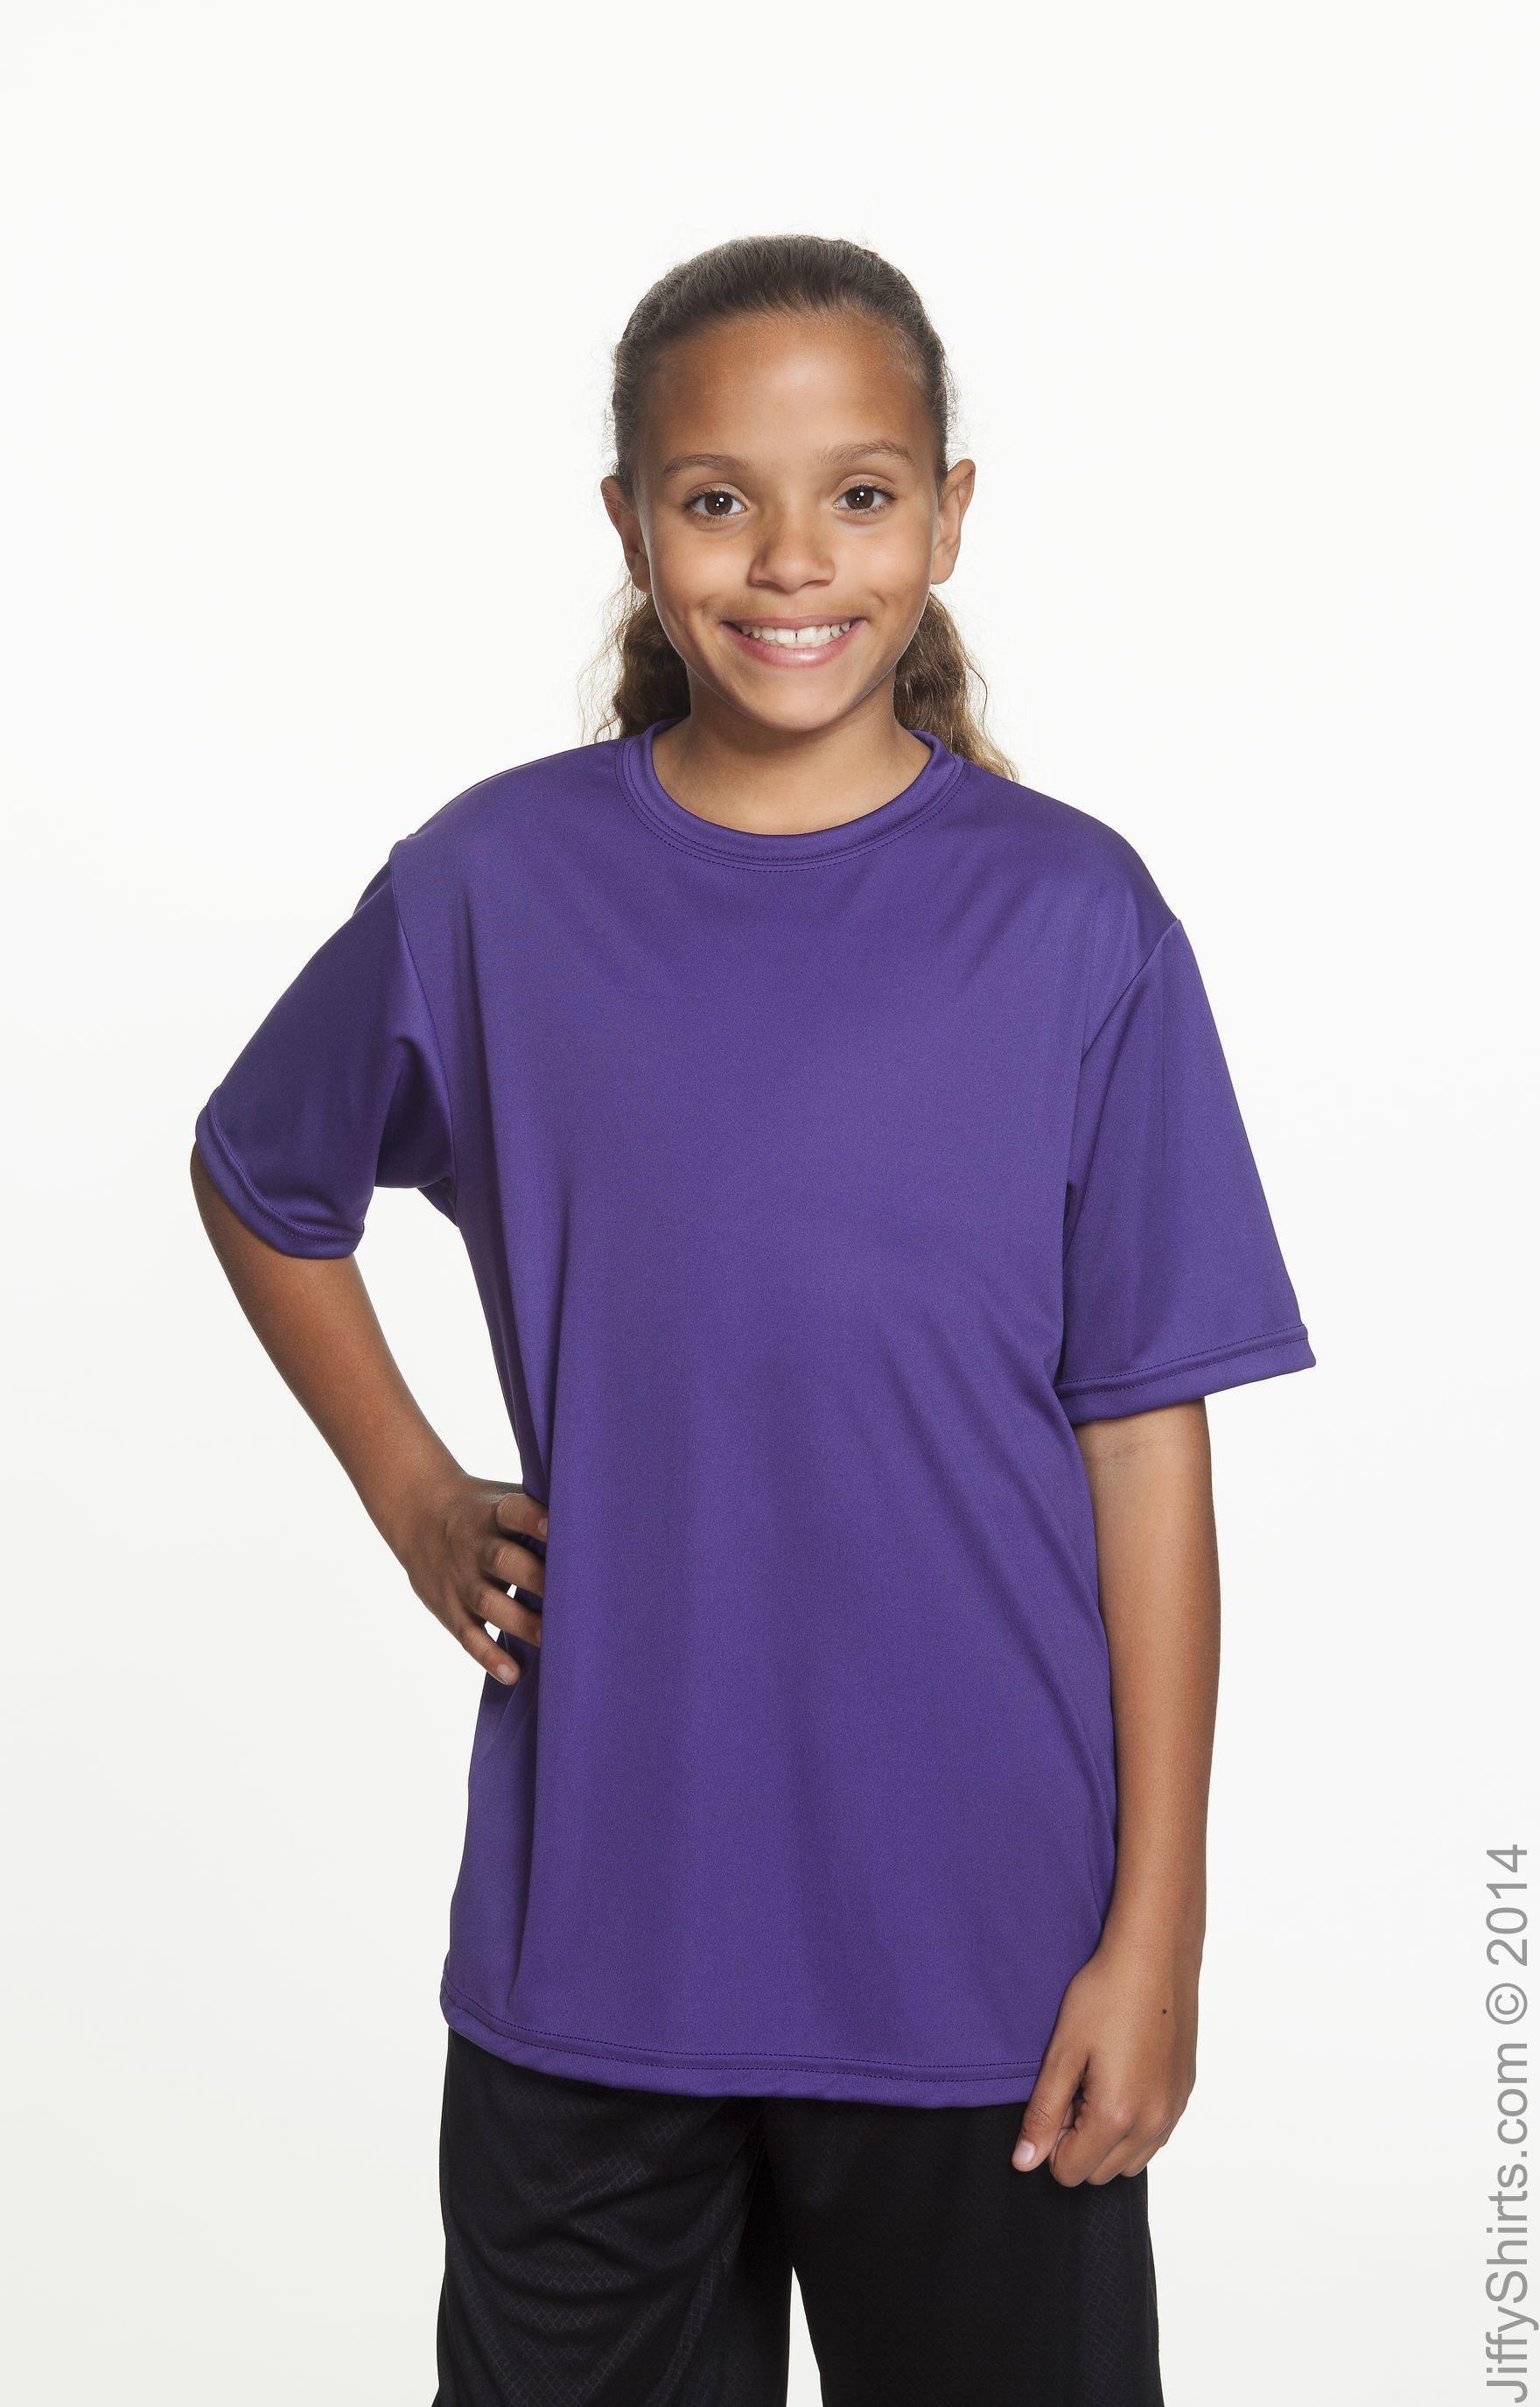 NB3142 - Purple